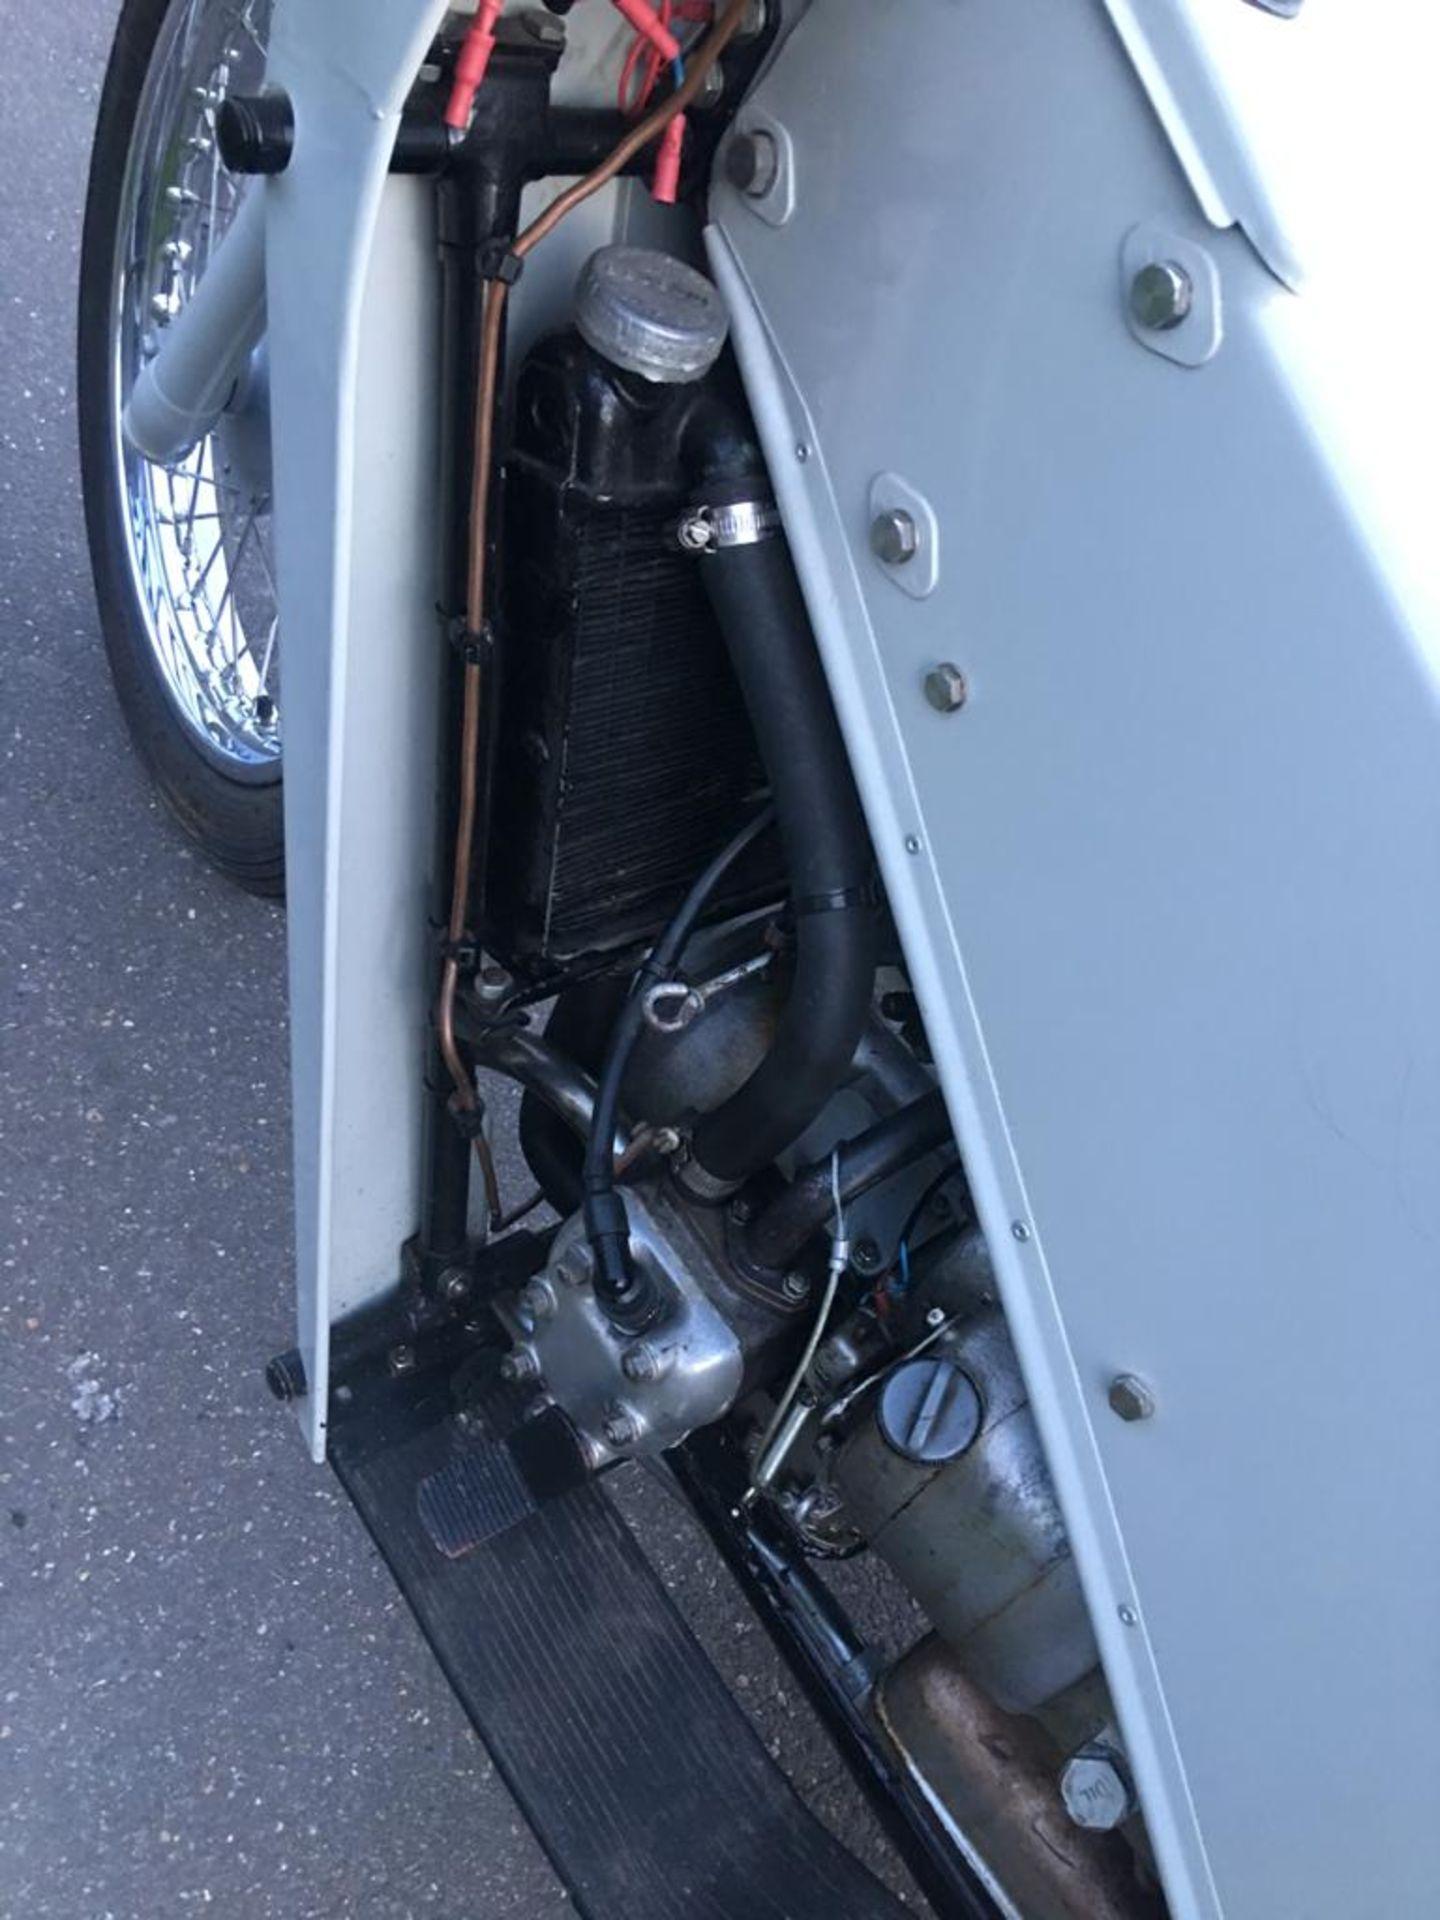 1966 VELOCETTE MOTOR BIKE - Image 9 of 13